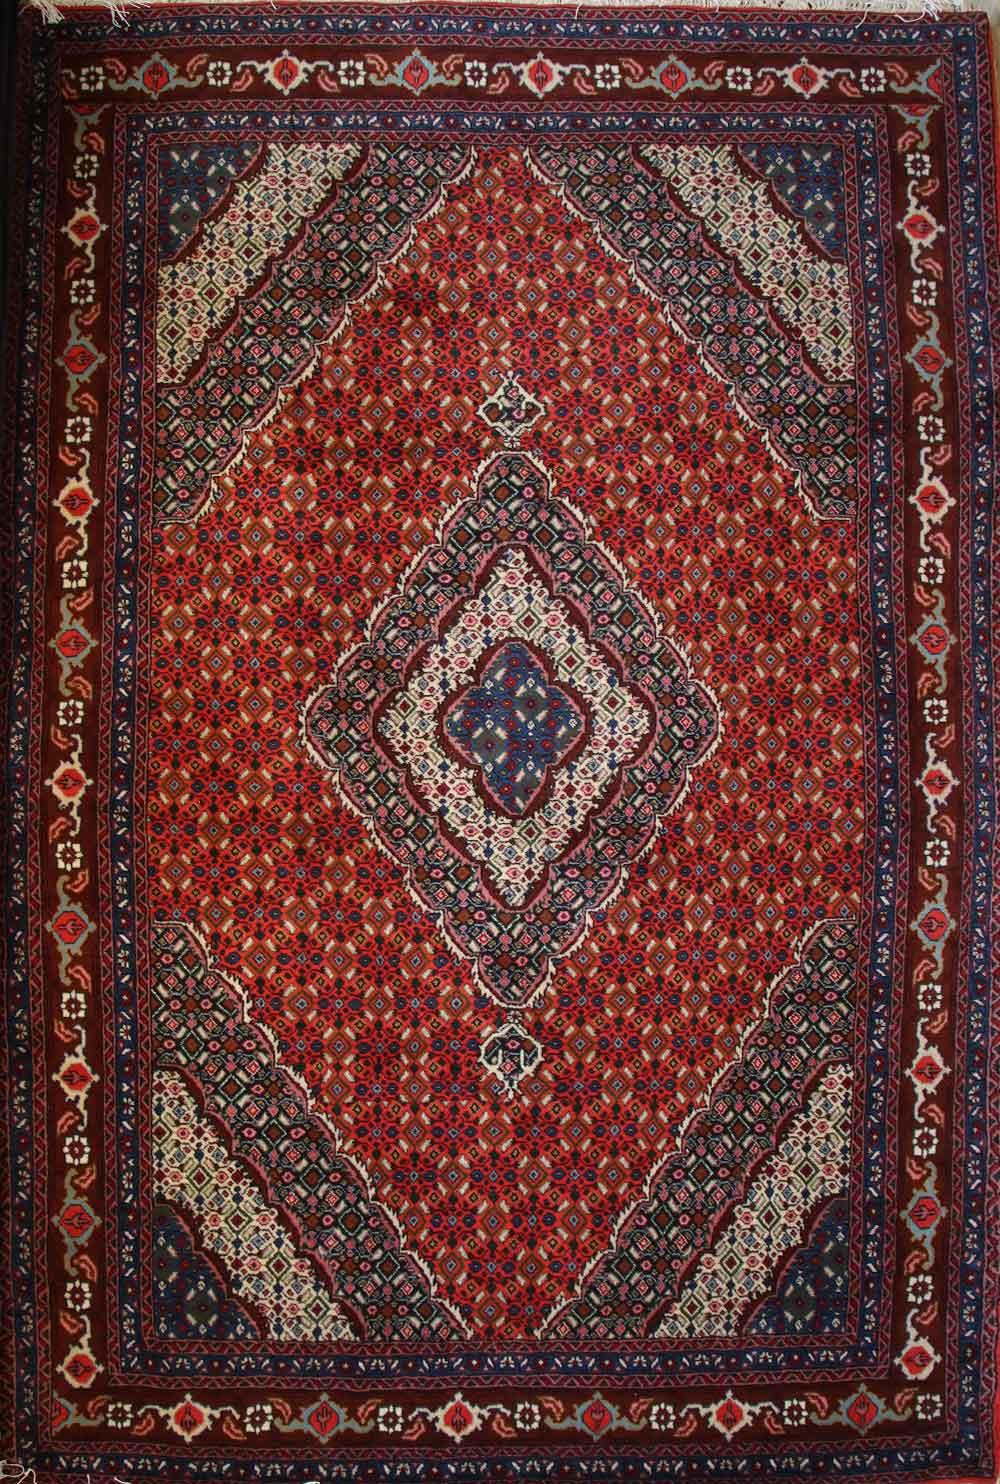 فرش دست بافت 6 متری نقشه کسمه لچک ریزماهی اردبیل رنگ مسی